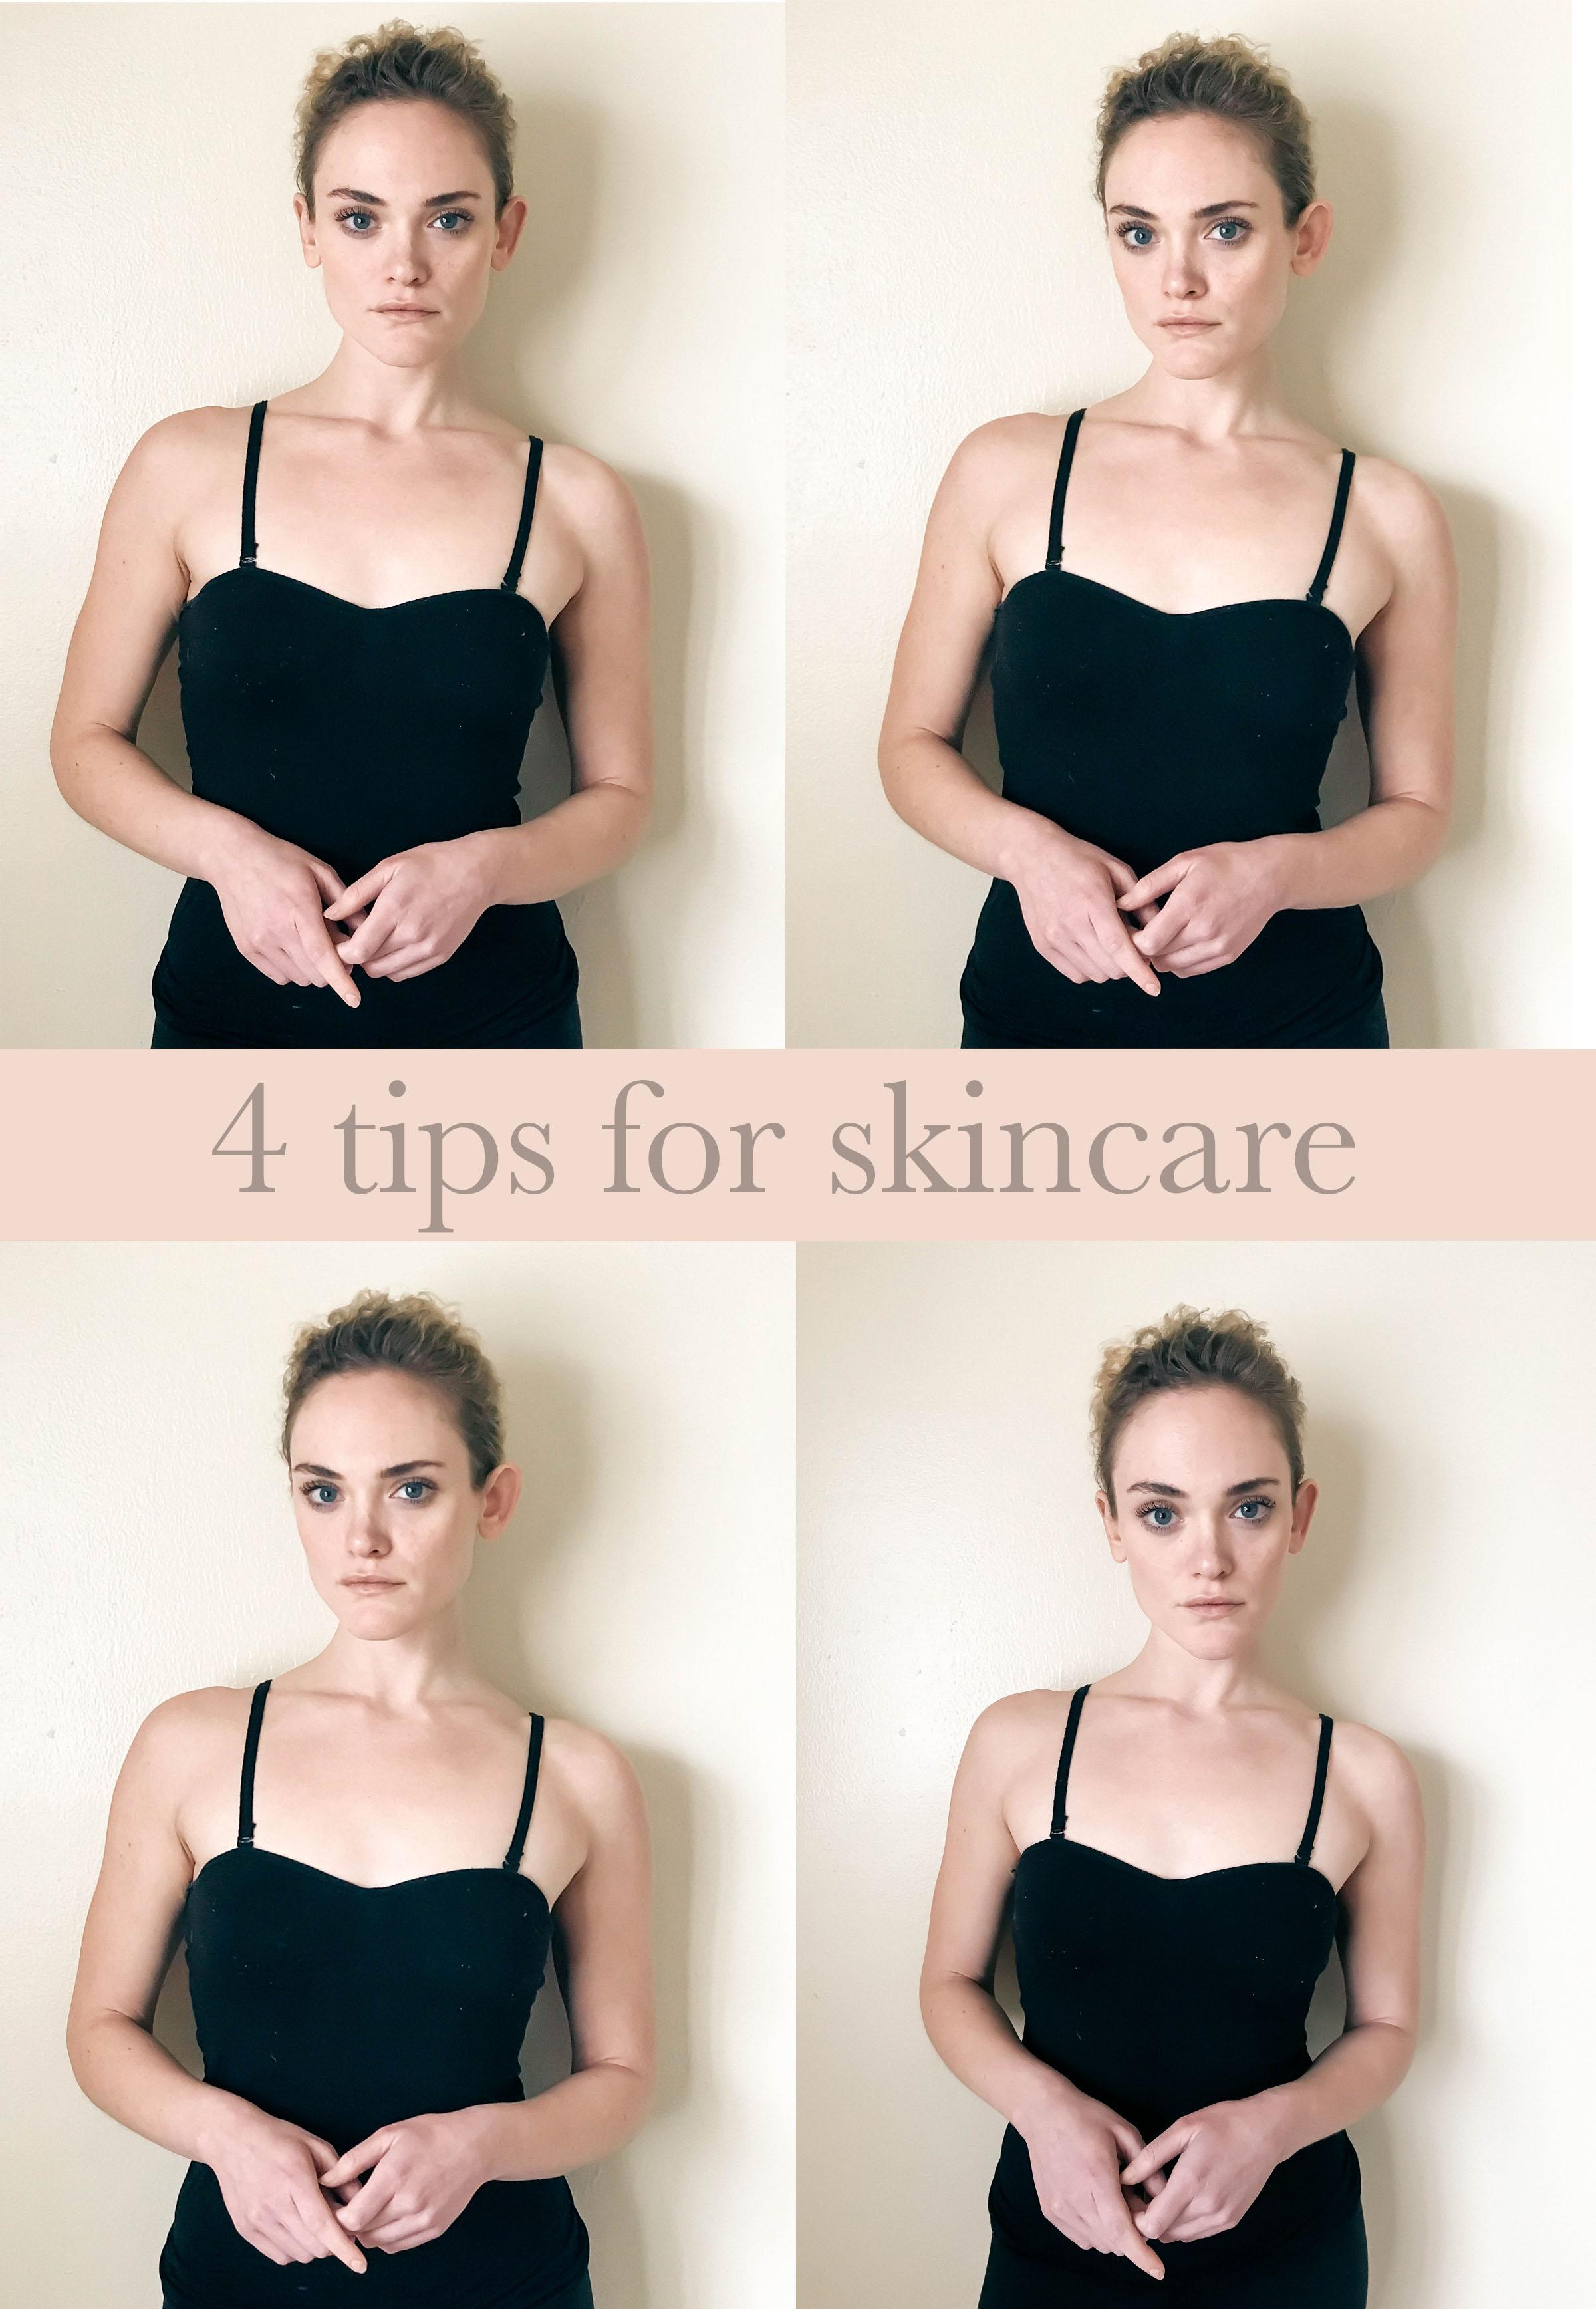 4 Skincare Tips.jpg